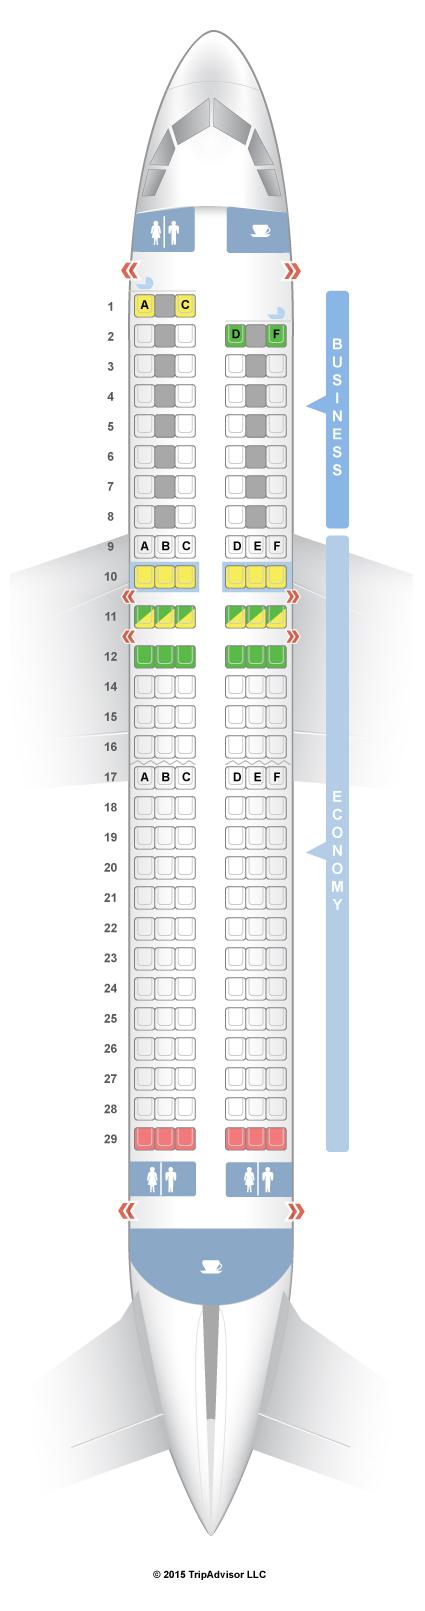 Seatguru seat map air france airbus a320 320 europe v1 for Airbus a320 air france interieur